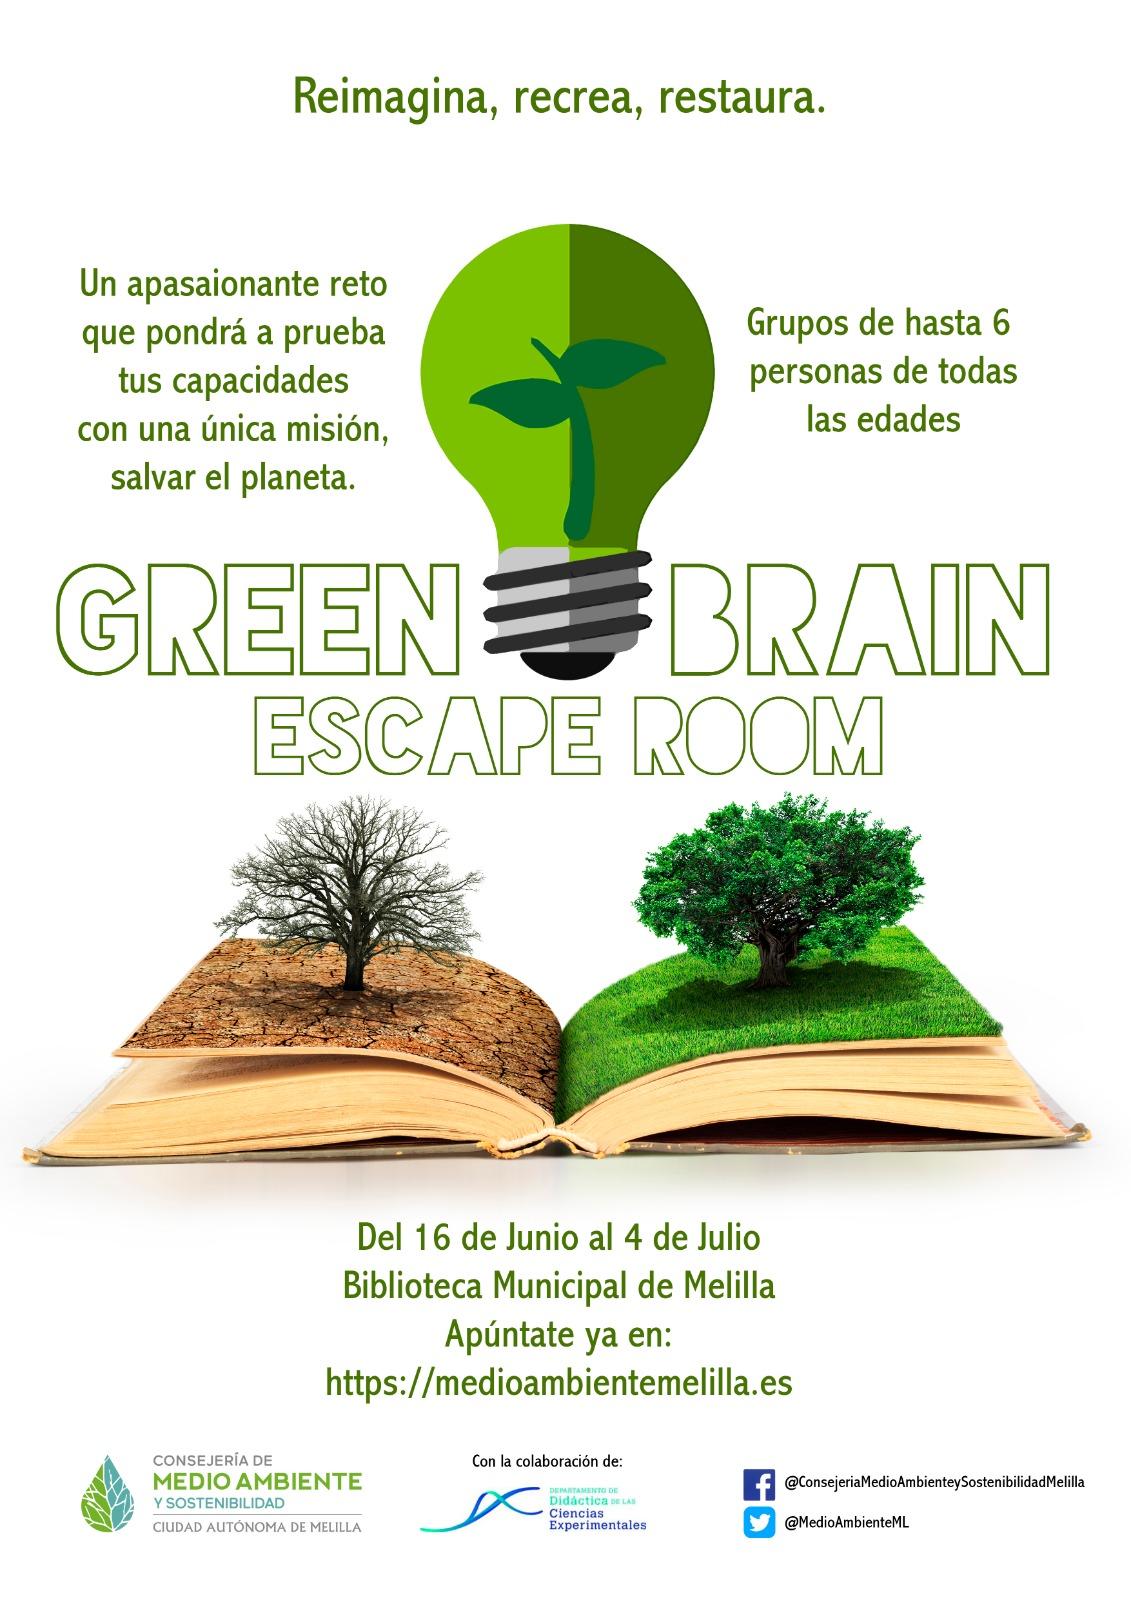 La Consejería de Medio Ambiente y Sostenibilidad crea un Escape Room ambiental para celebrar el Día Mundial del Medio Ambiente